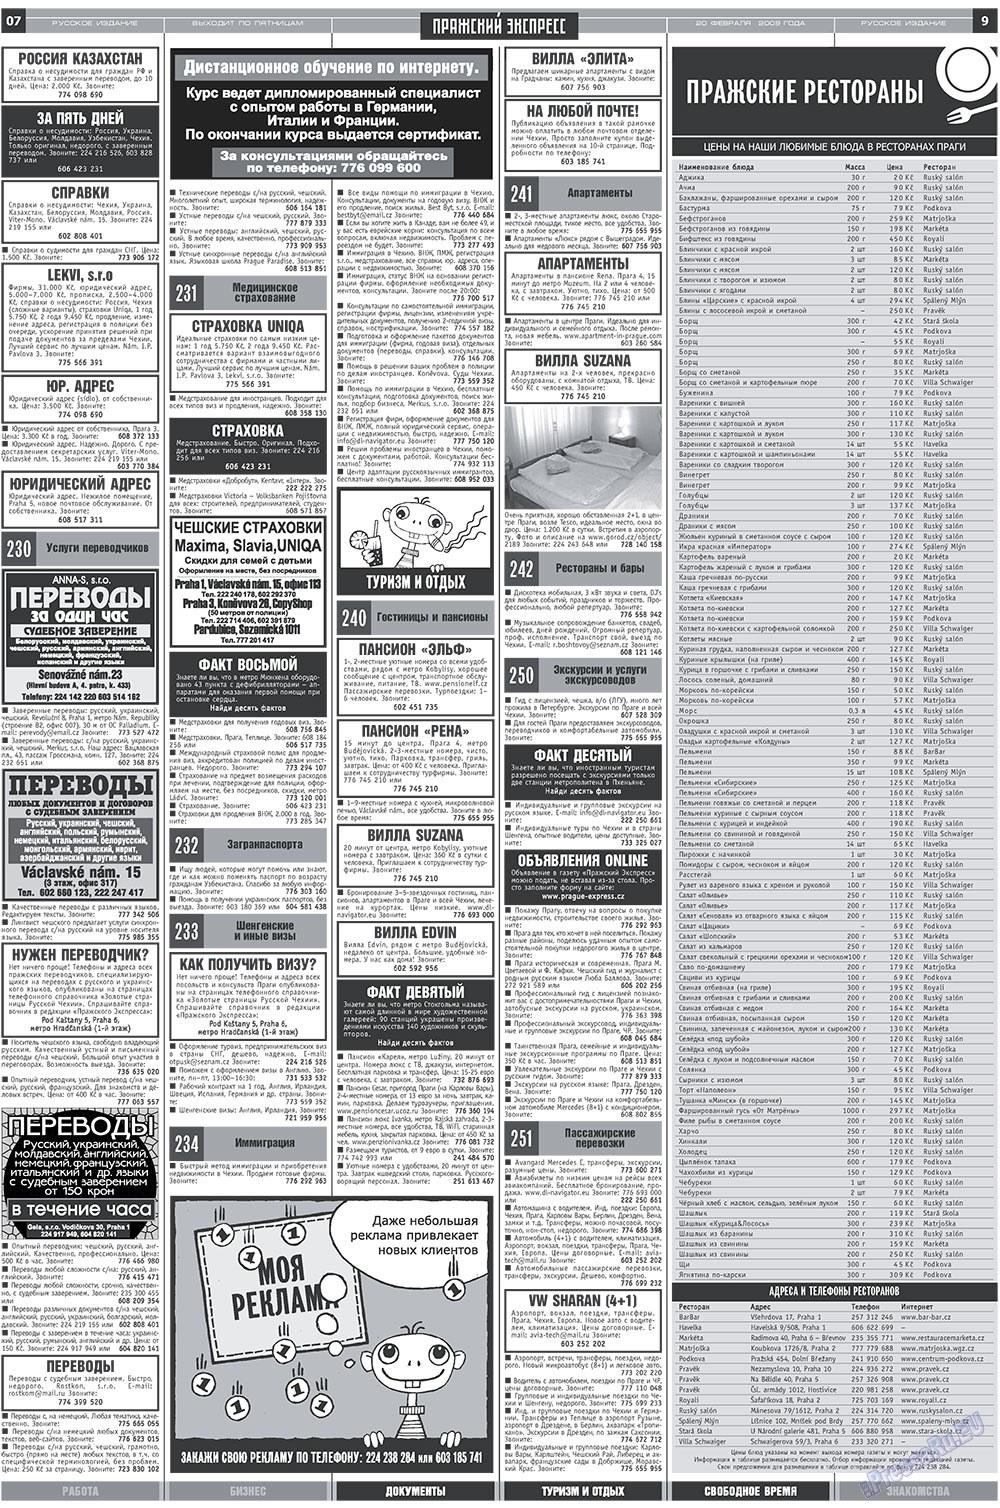 Пражский экспресс (газета). 2009 год, номер 7, стр. 9